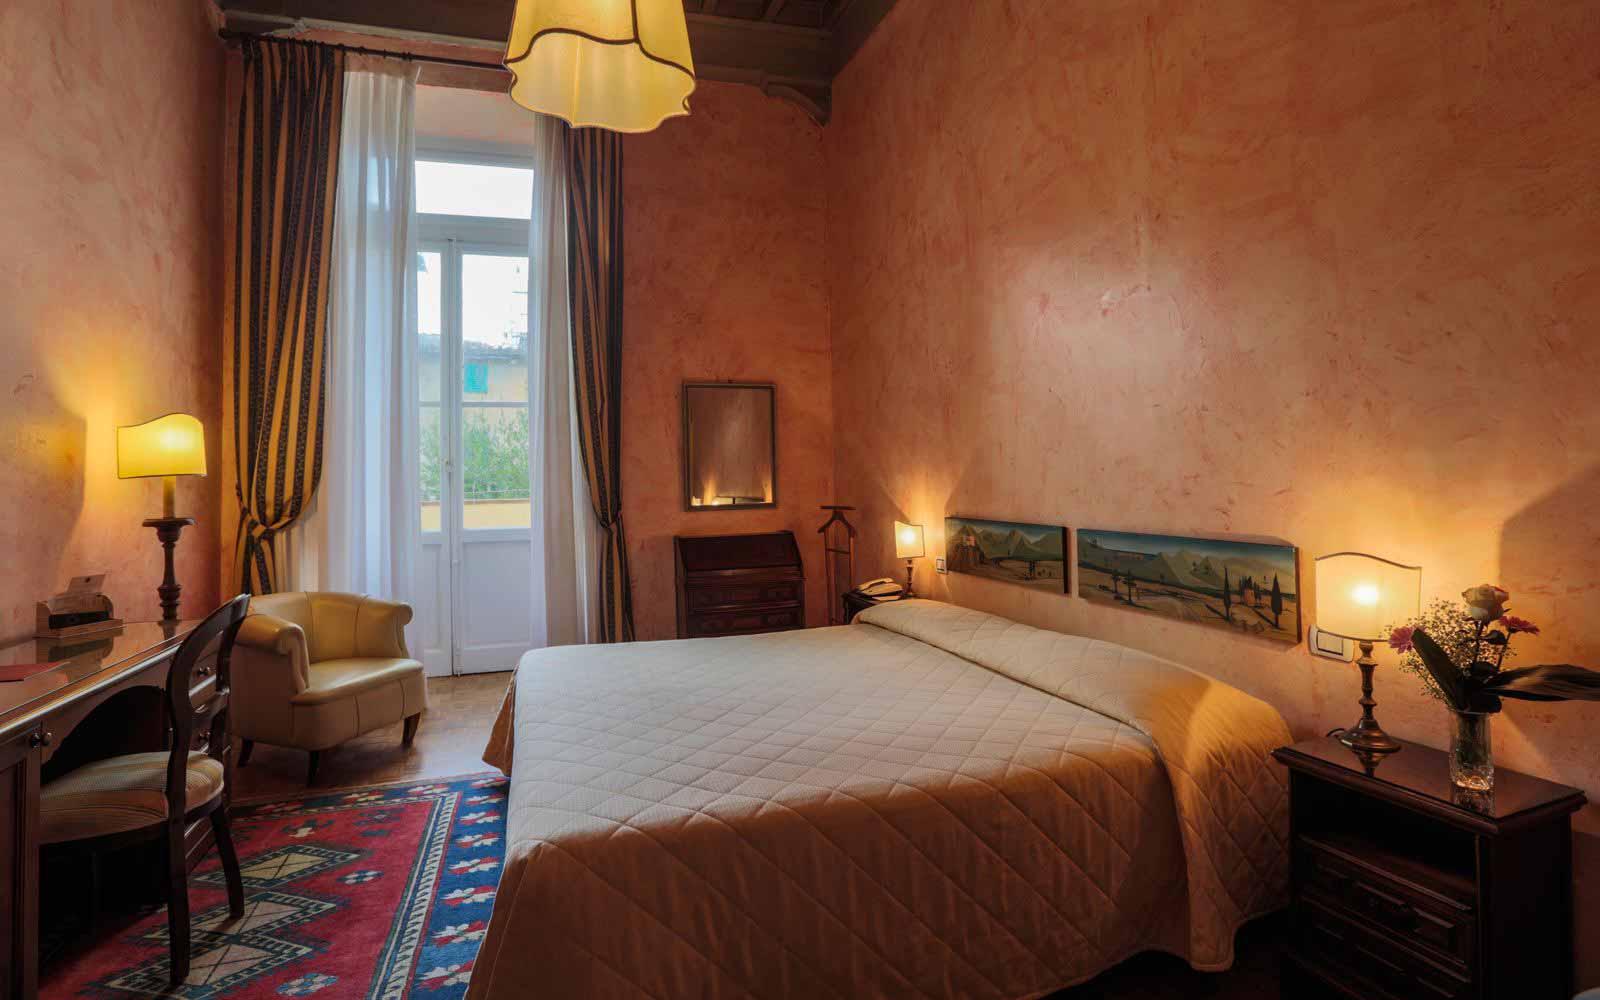 Standard room at Hotel Croce di Malta